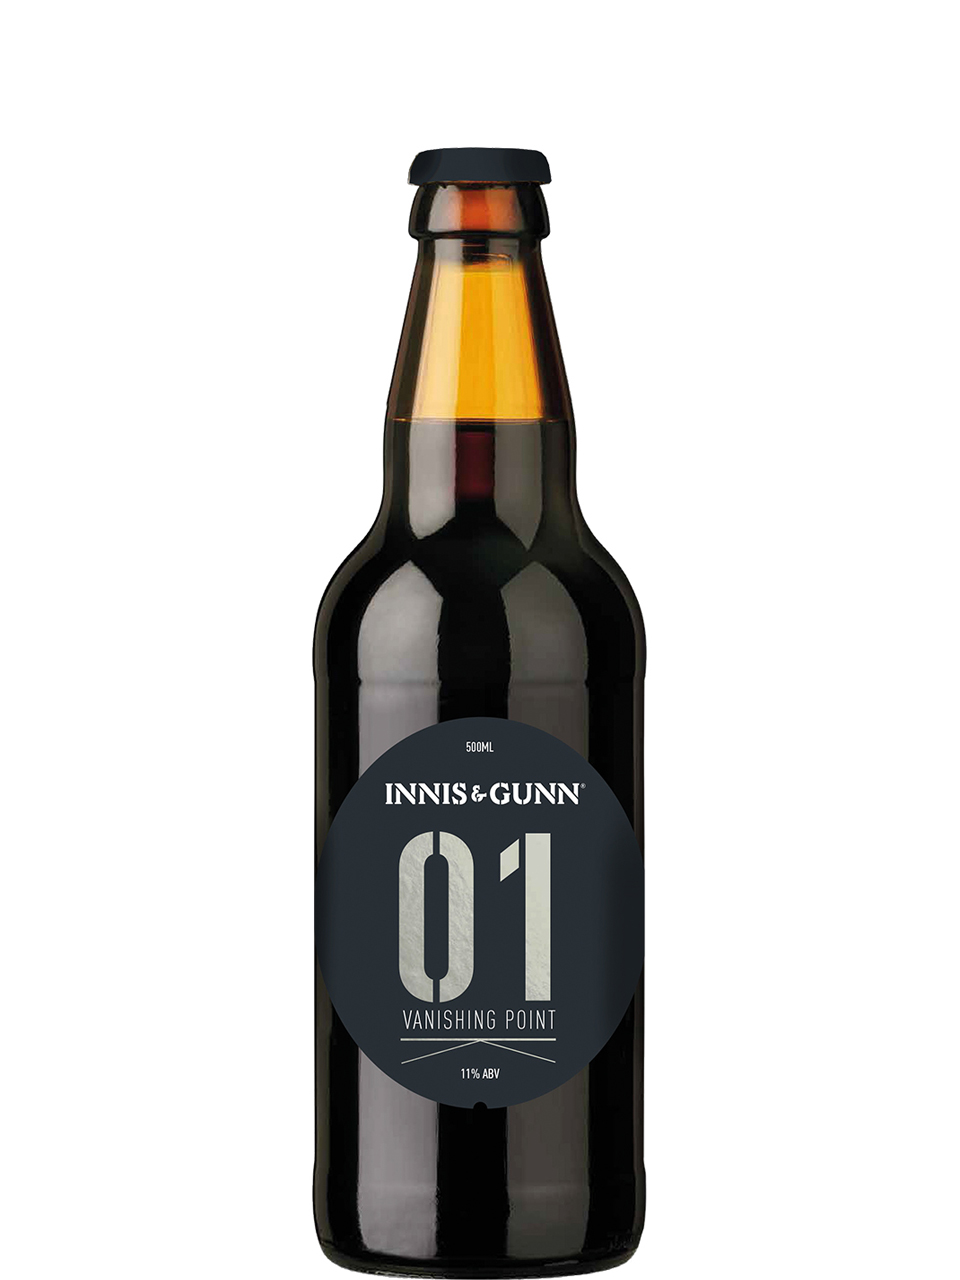 Innis & Gunn Vanishing Point 500ml Bottle